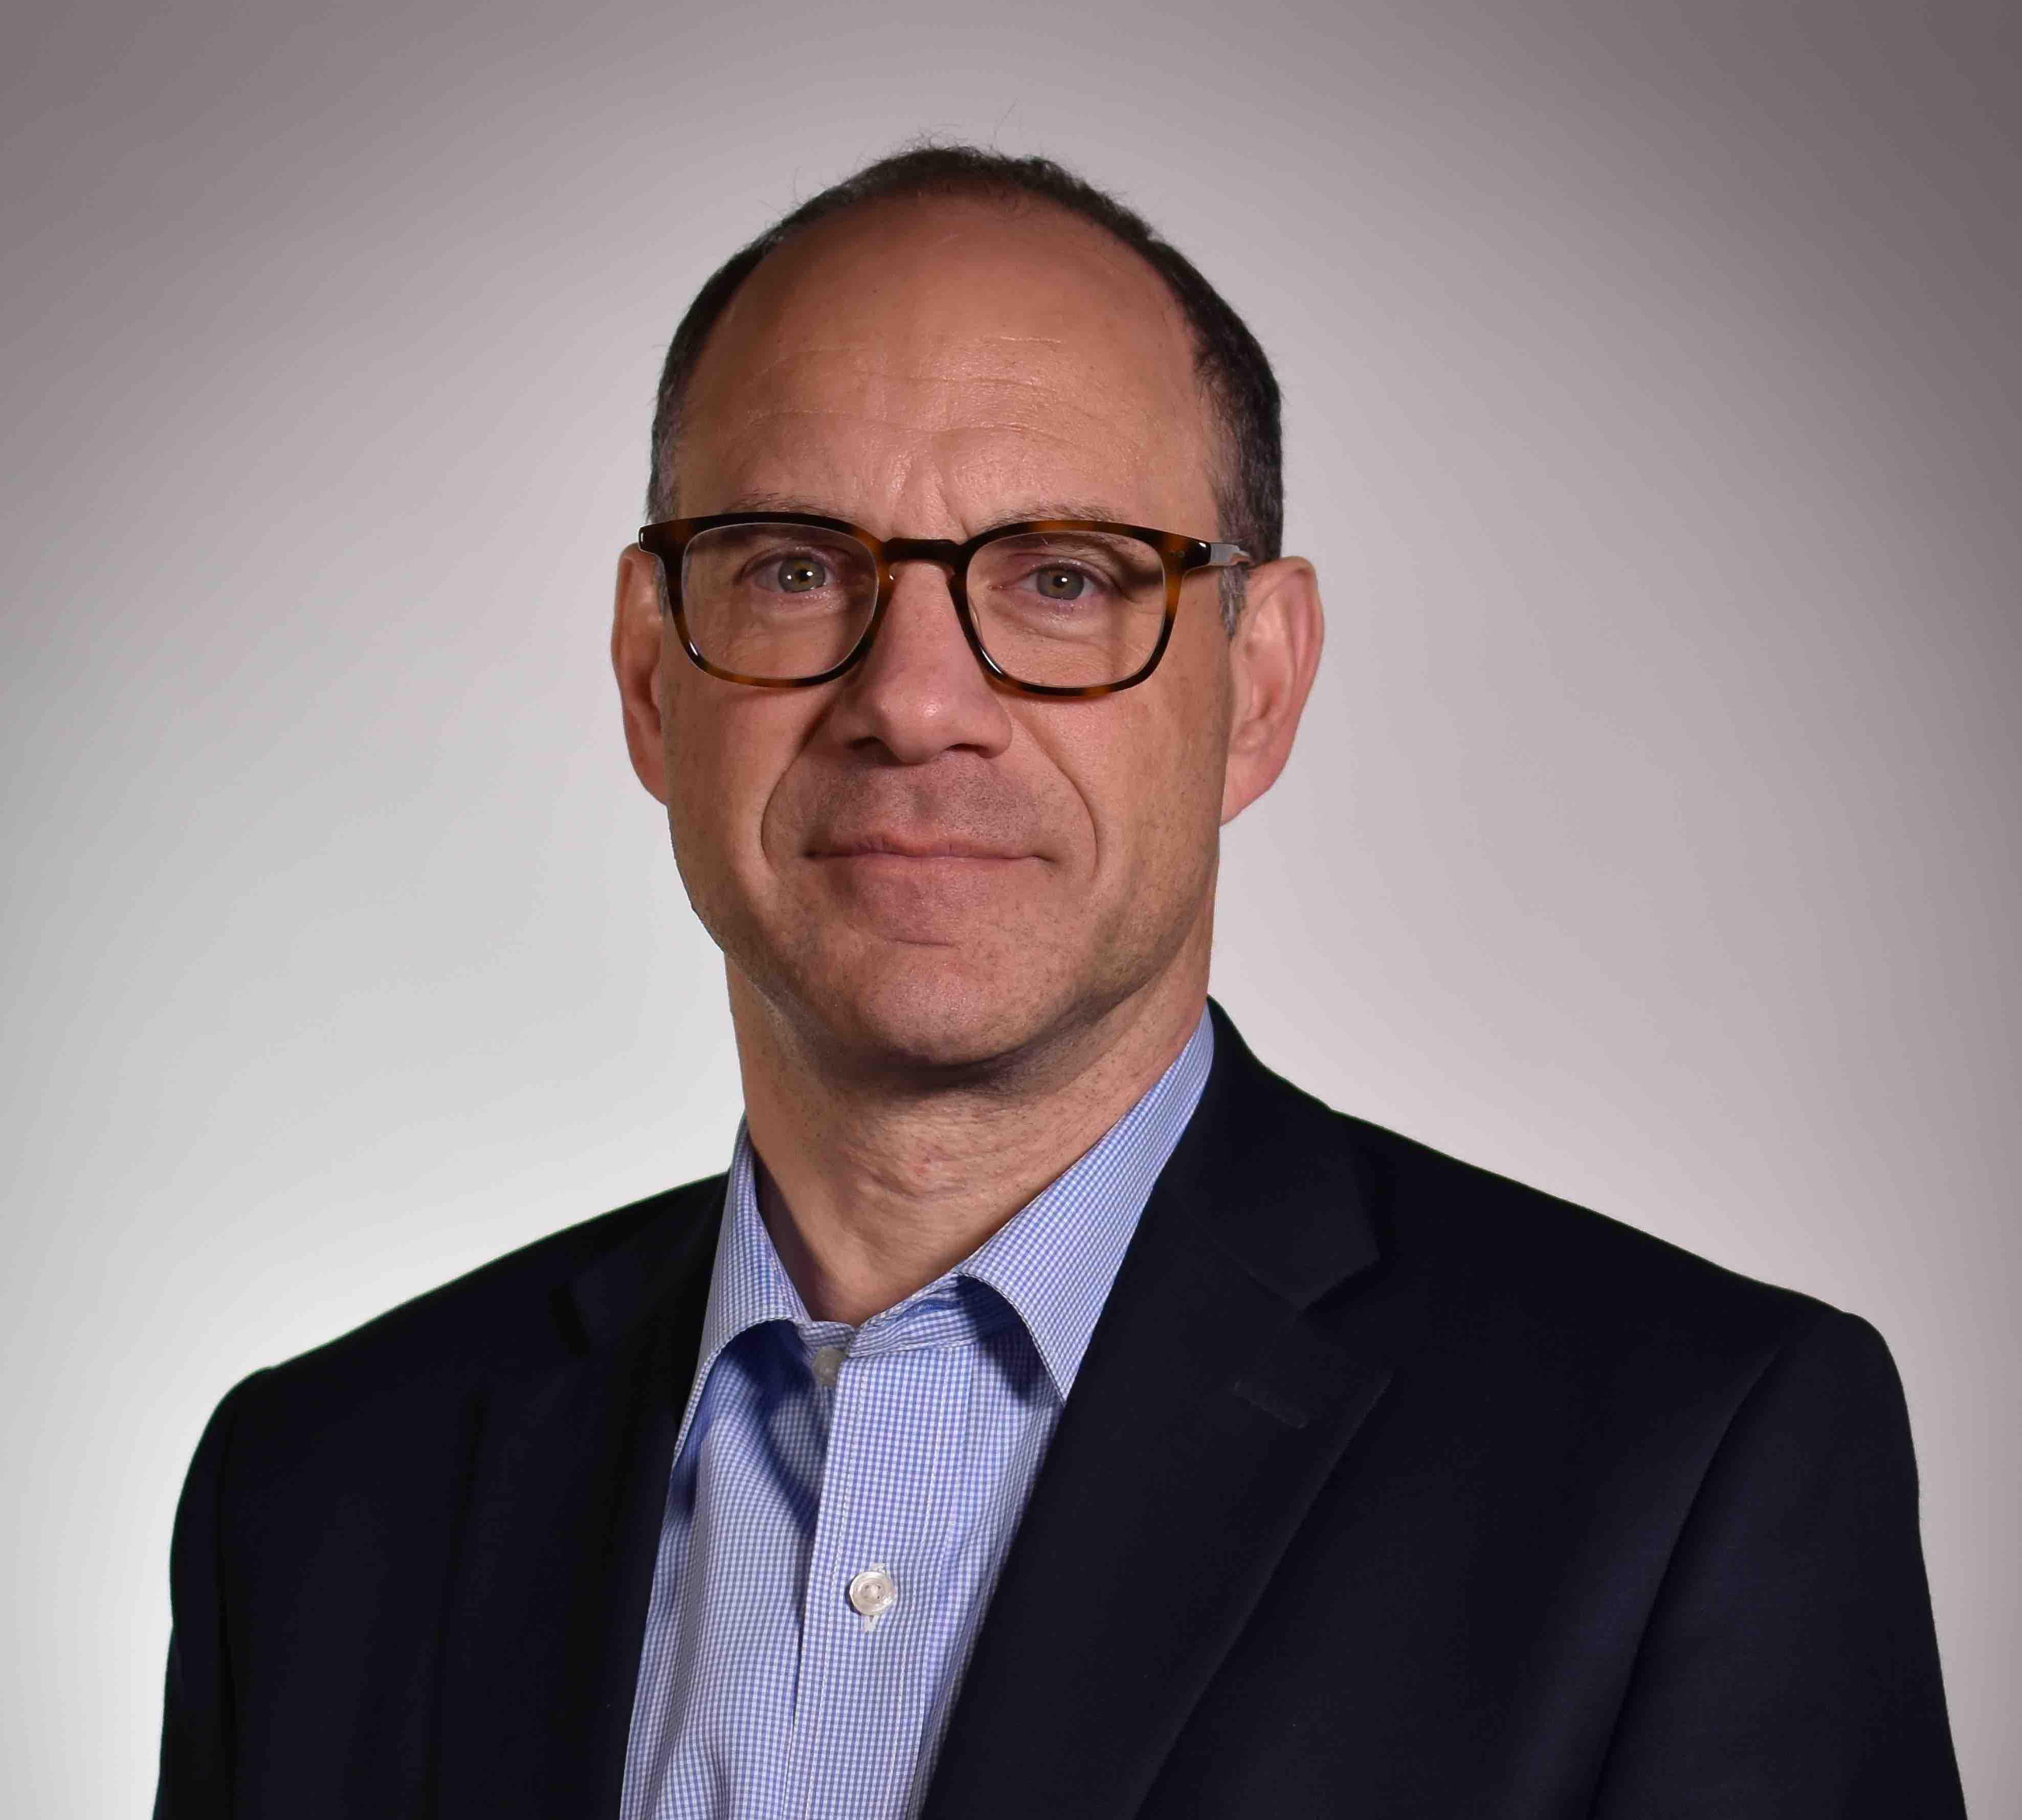 Thomas Karsten